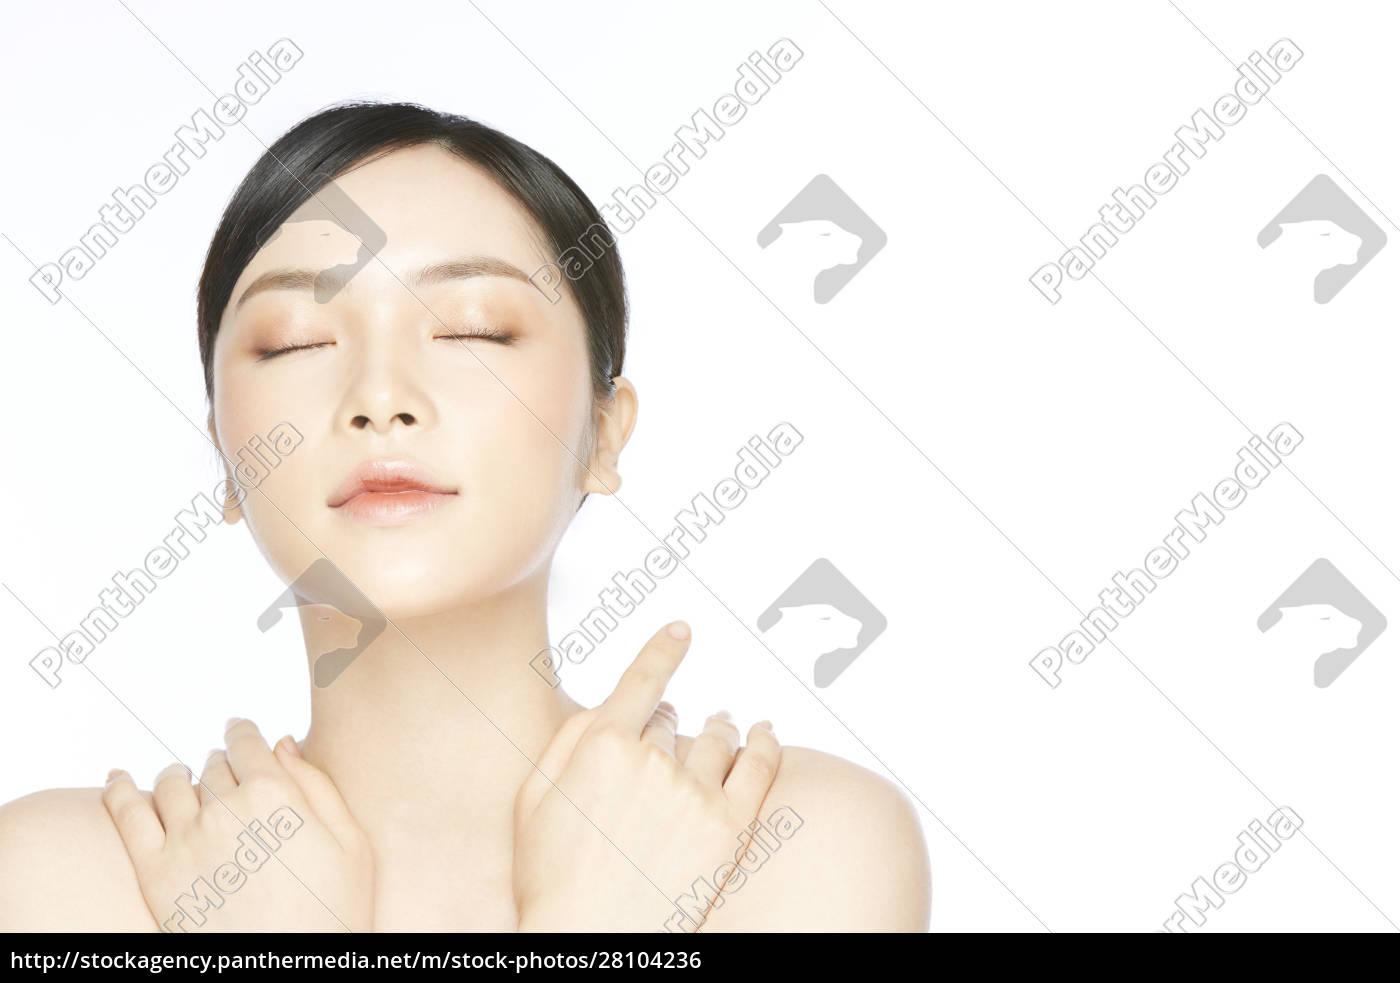 women, beauty - 28104236